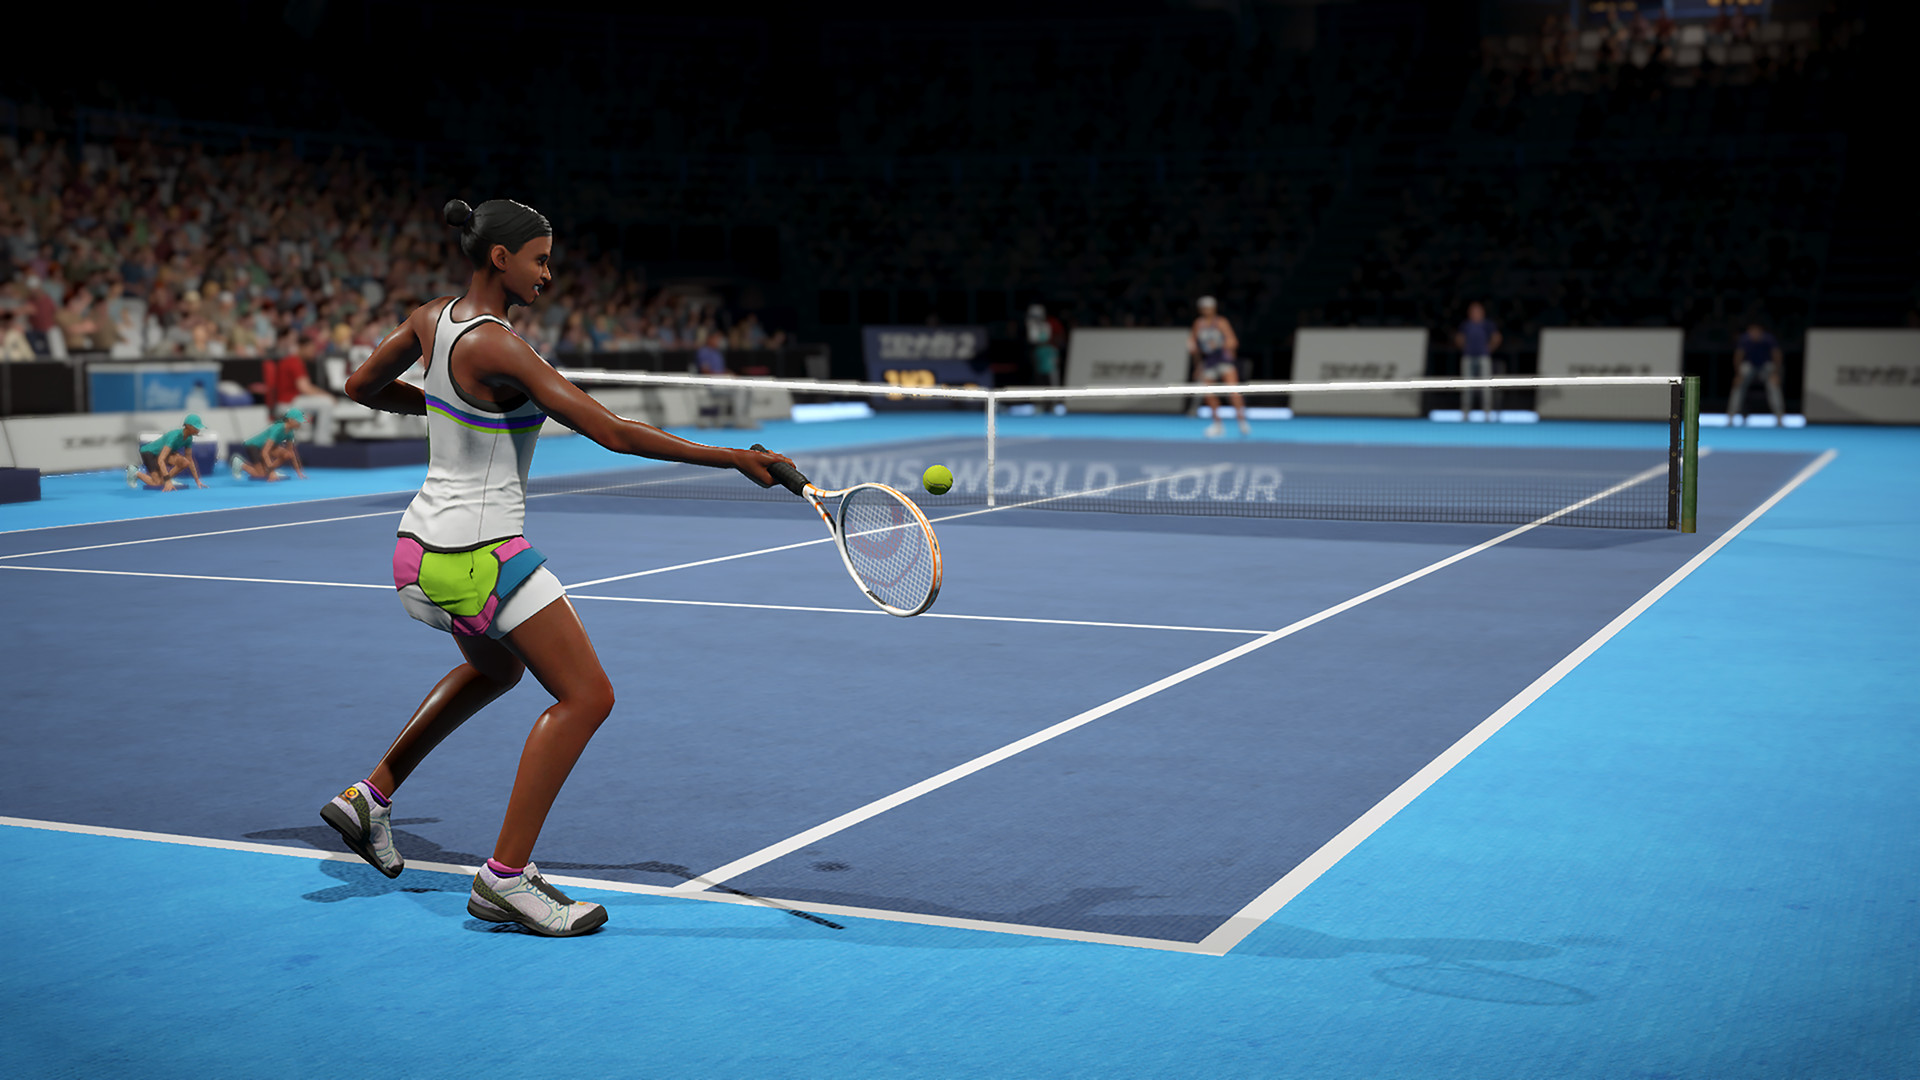 Tennis World Tour 2 Fiyat Karşılaştırma